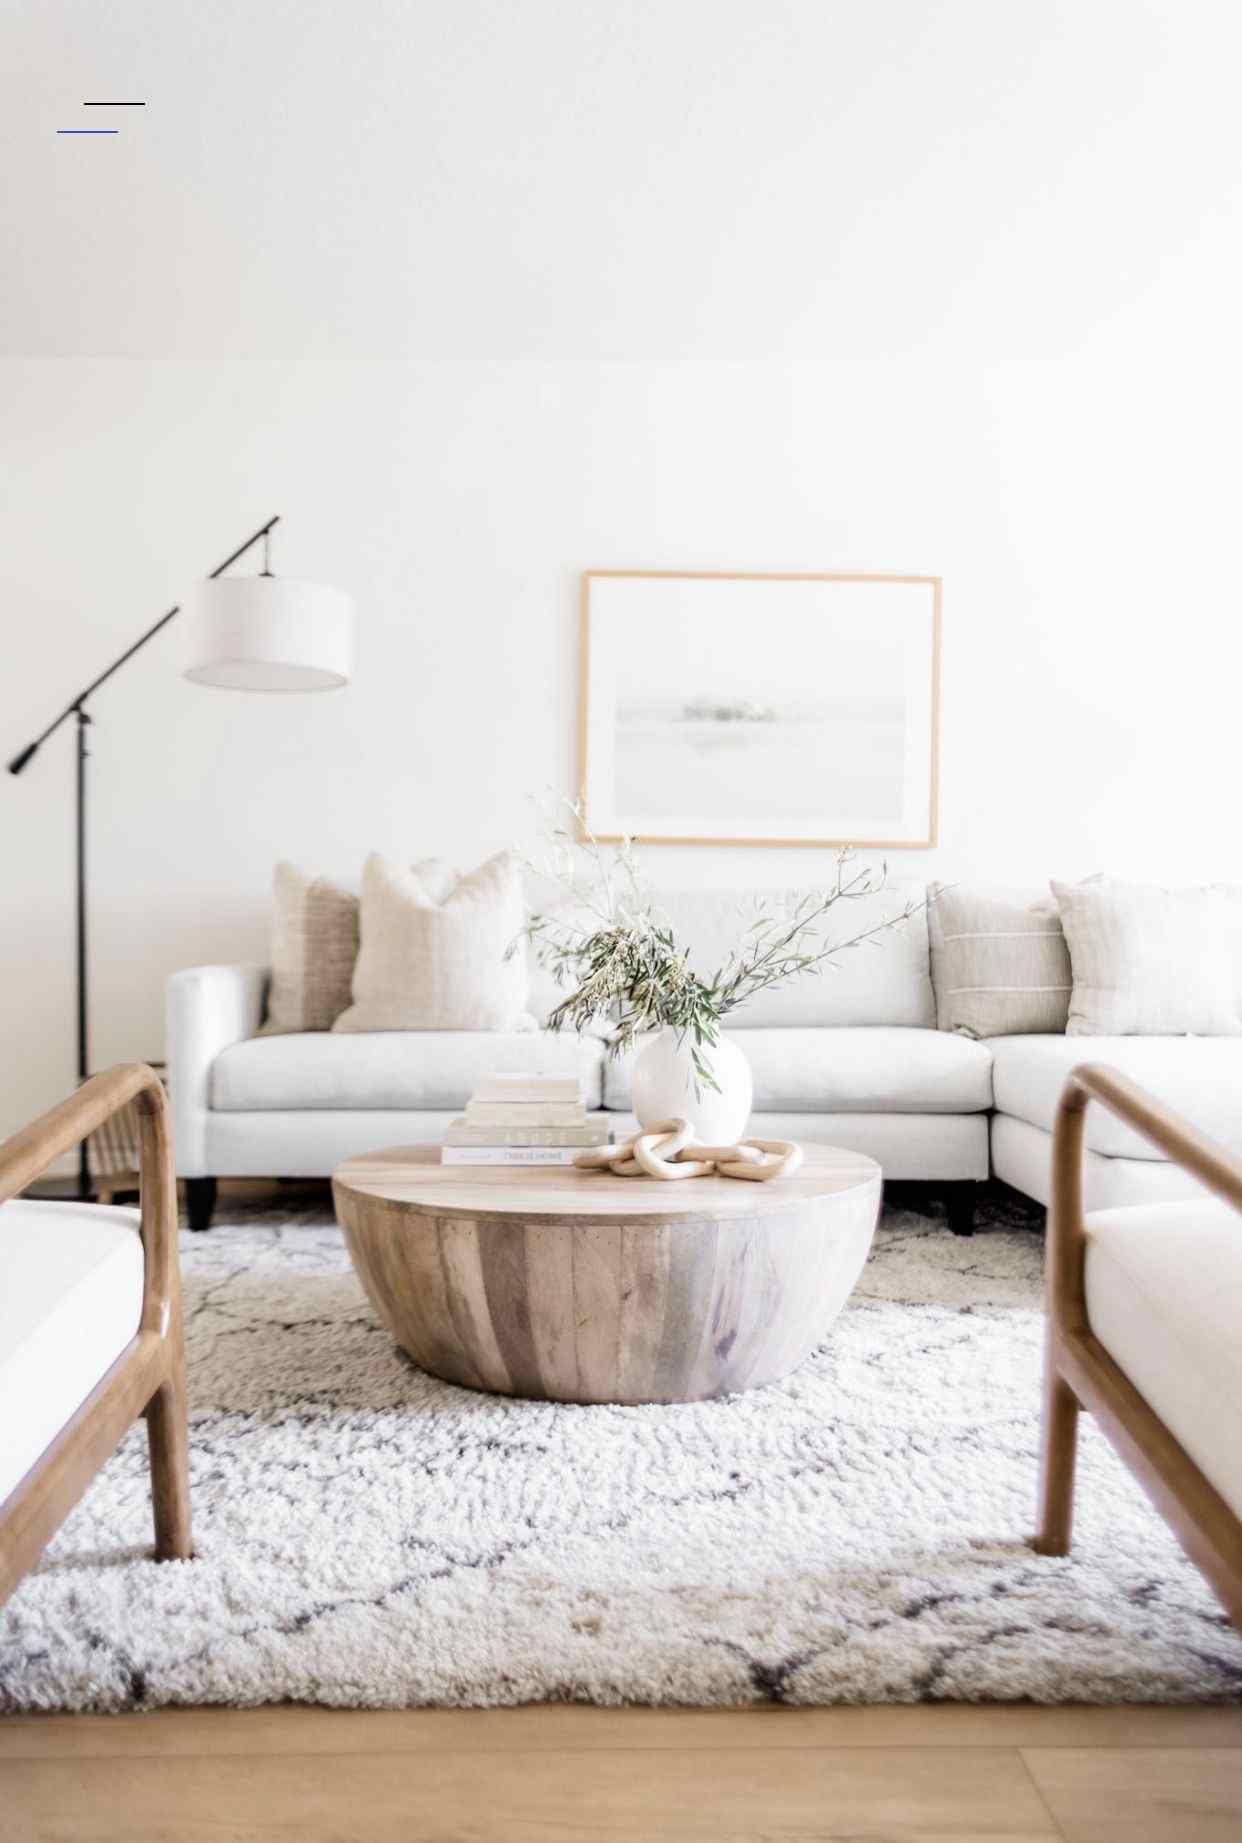 Pin Von Igor Syarhey Auf Home Sweet Home In 2020 Wohnzimmer Design Wohnungsdekoration Wohnung Wohnzimmer